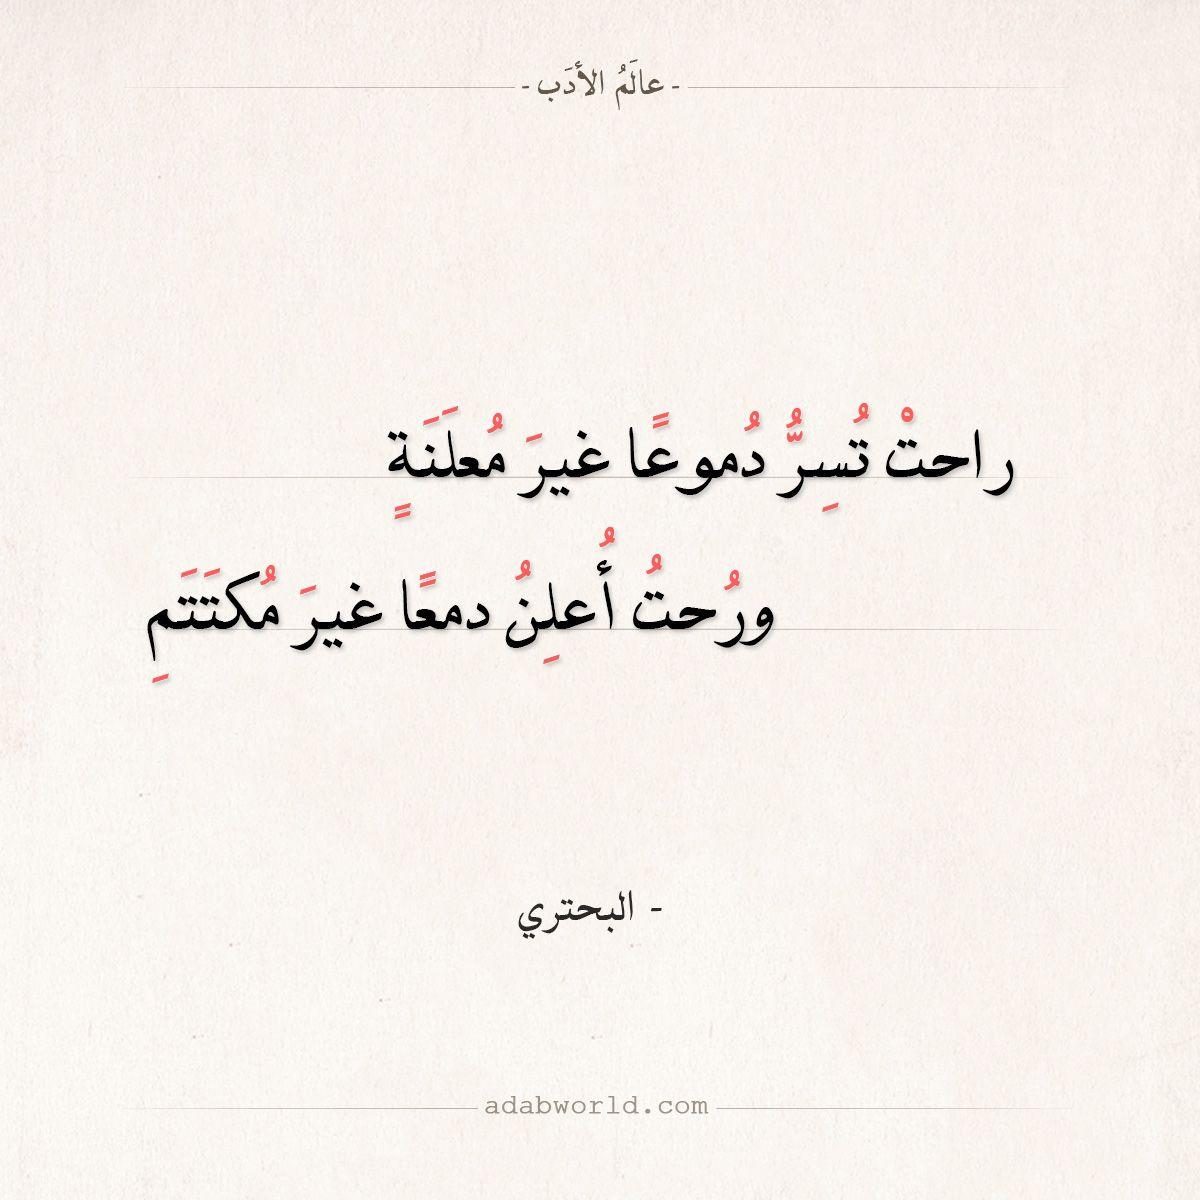 شعر البحتري راحت تسر دموعا غير معلنة عالم الأدب Arabic Quotes Quran Quotes Inspirational Quran Quotes